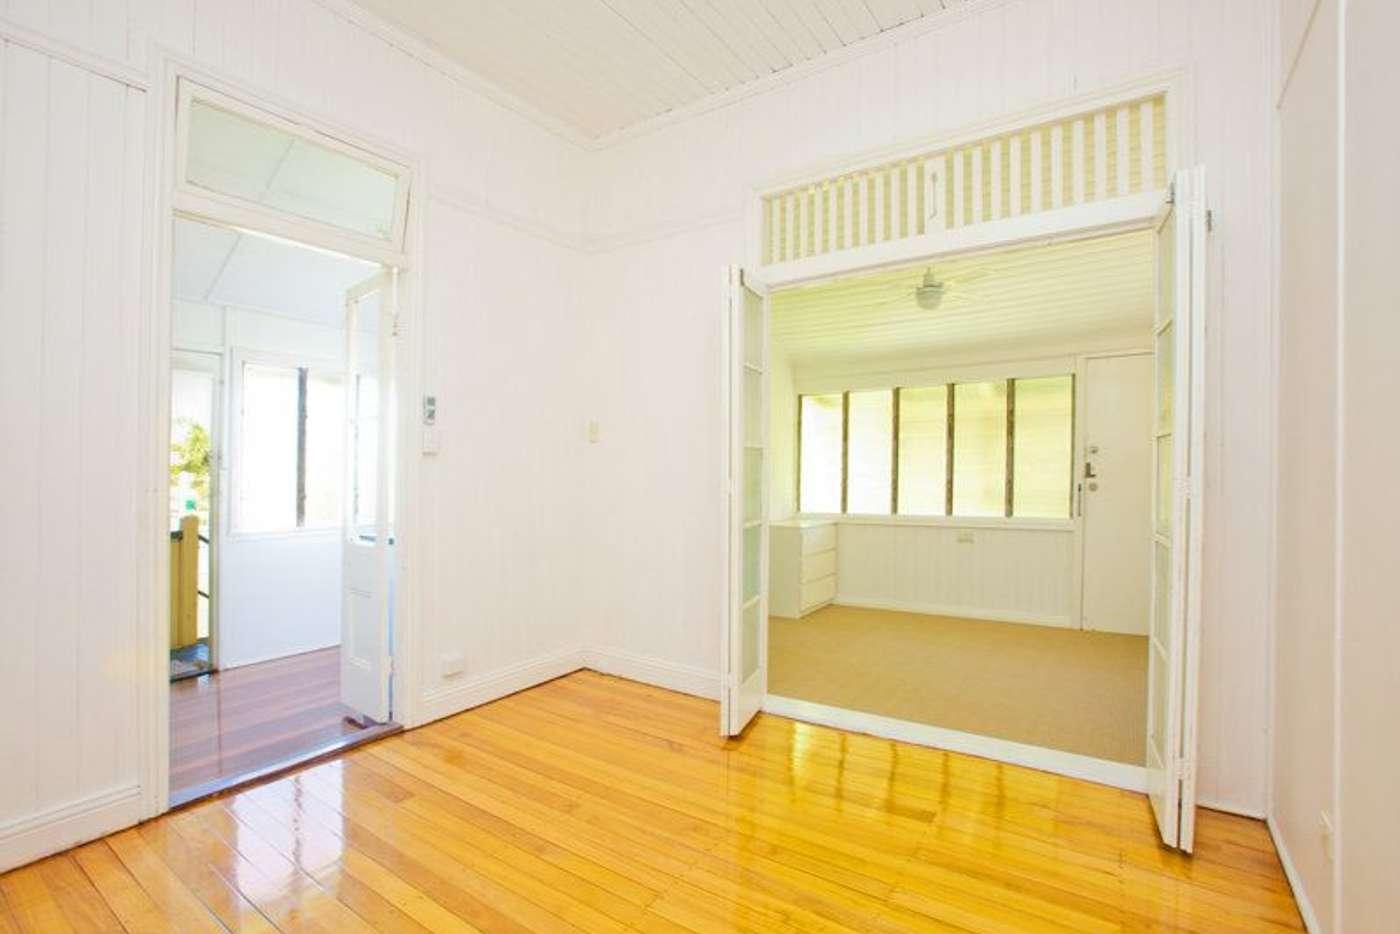 Main view of Homely unit listing, 3/7 Tarragindi Road, Tarragindi QLD 4121